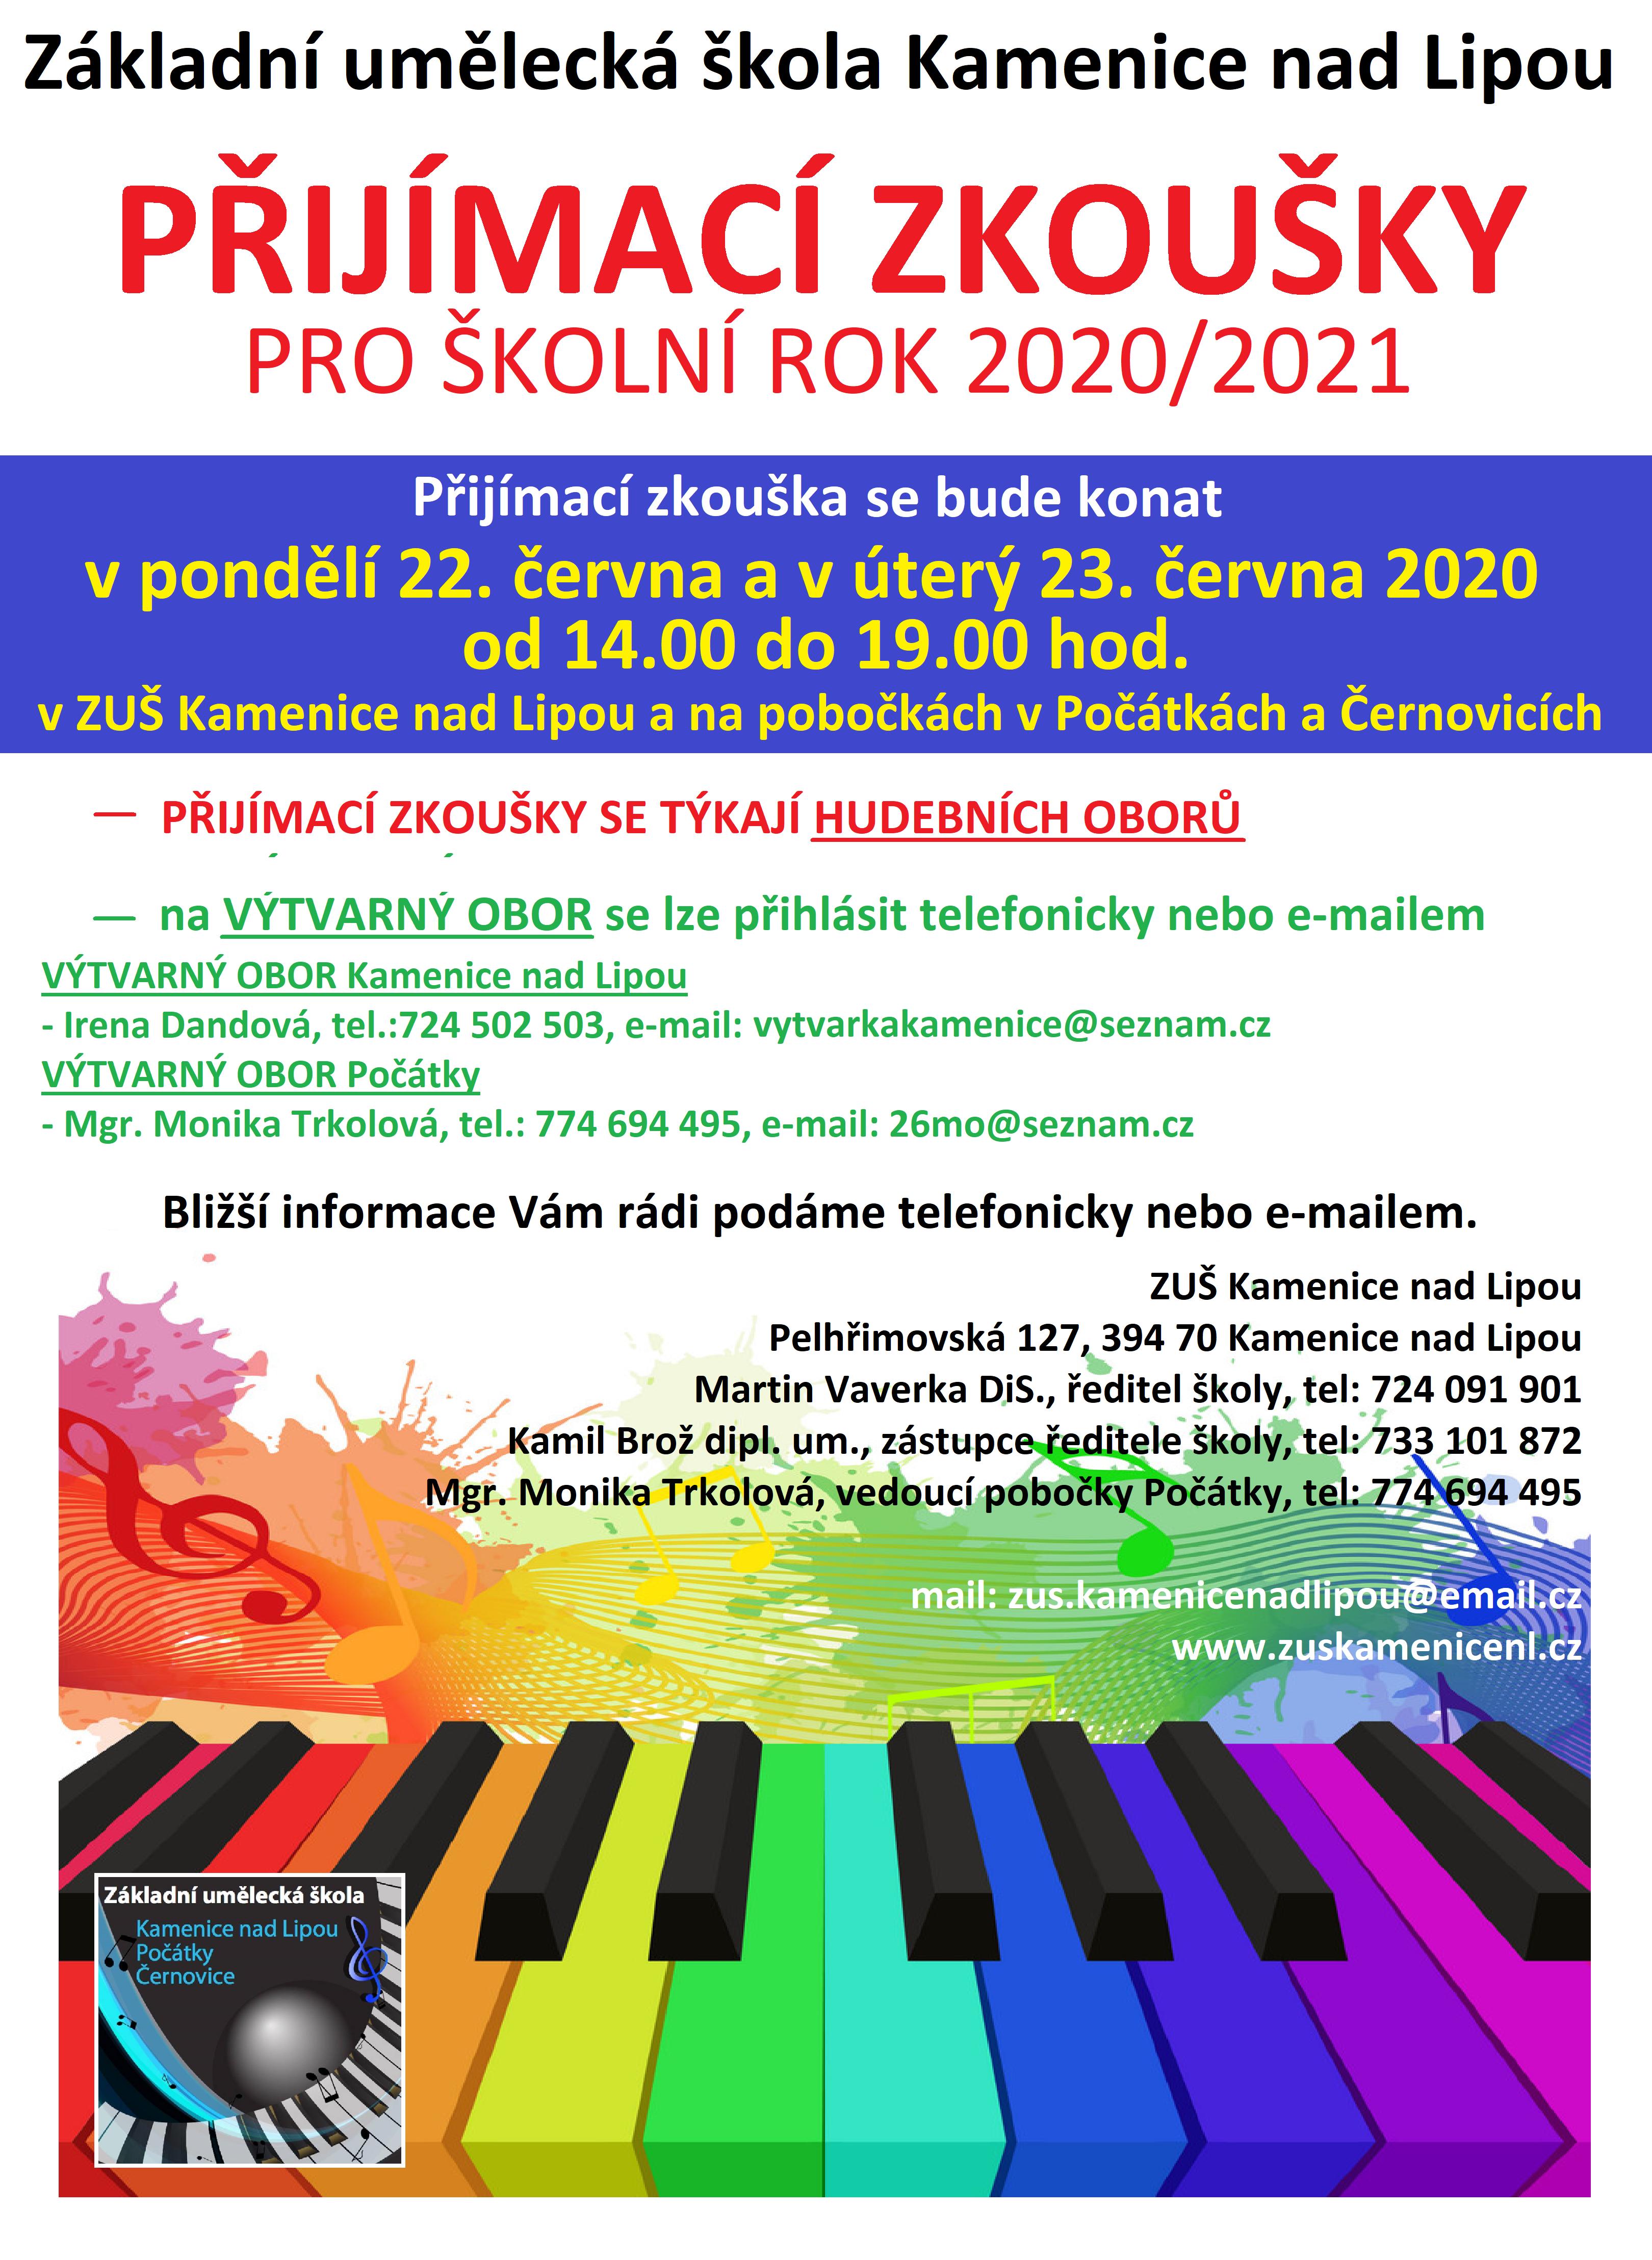 PŘIJÍMACÍ ZKOUŠKY PRO ŠKOLNÍ ROK 2020/2021